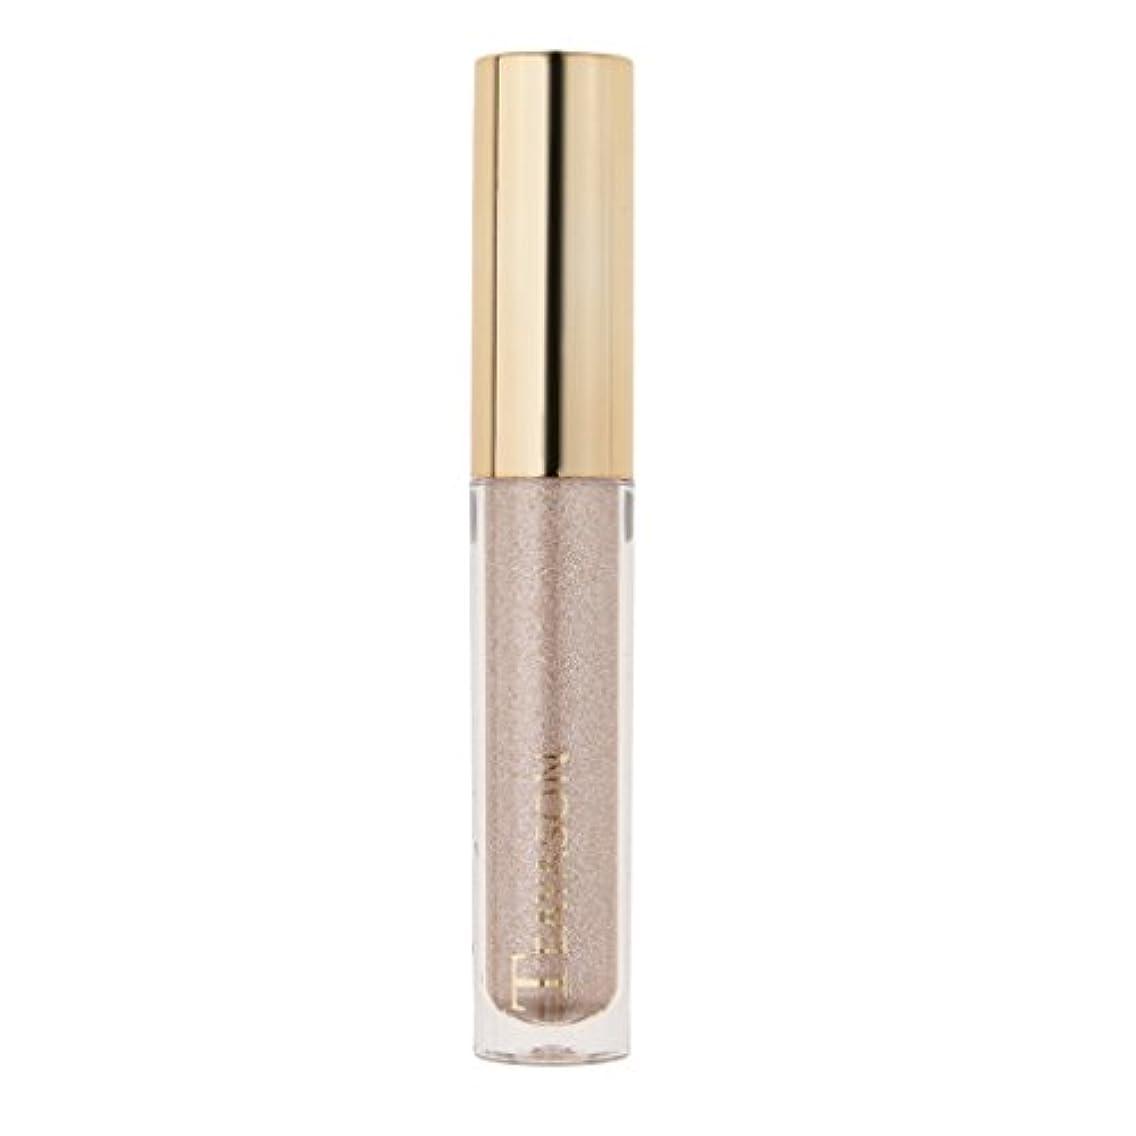 エール予言するメディア8色液体アイシャドーキラキラシマー化粧品顔料長期持続性 - 4#